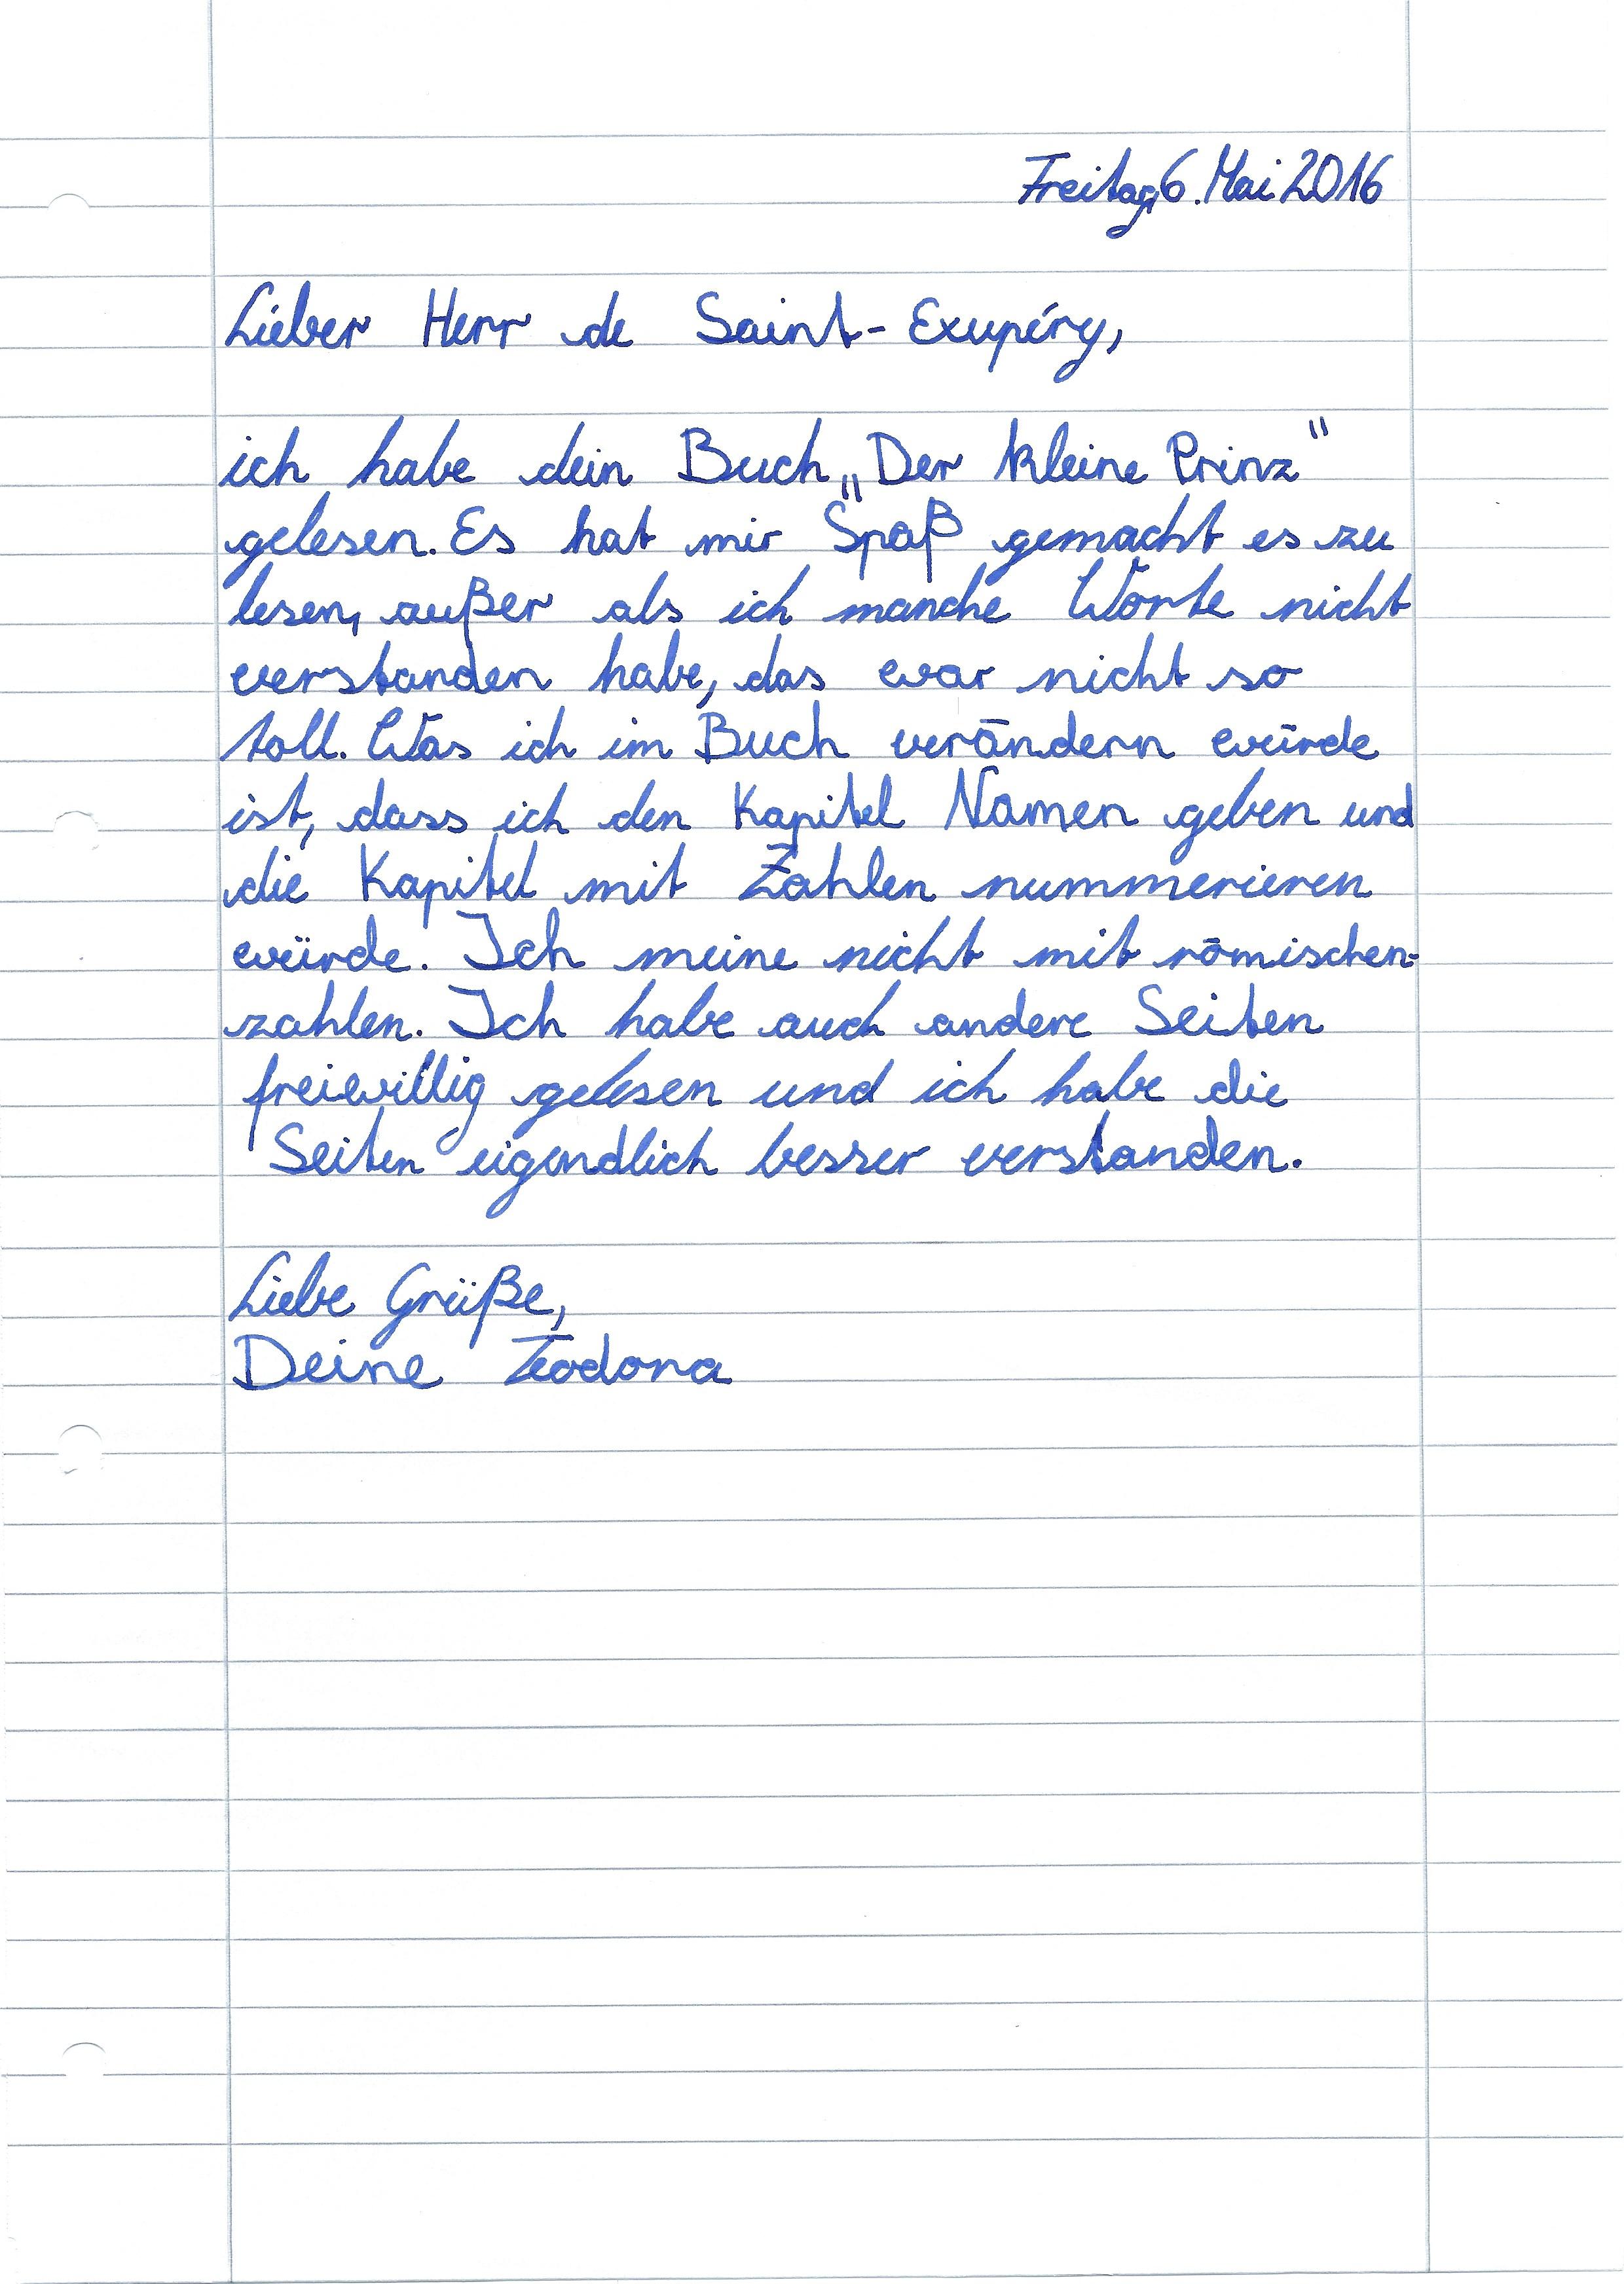 Wie Kann Man Ein Offiziell Brief Schreiben - Couldy